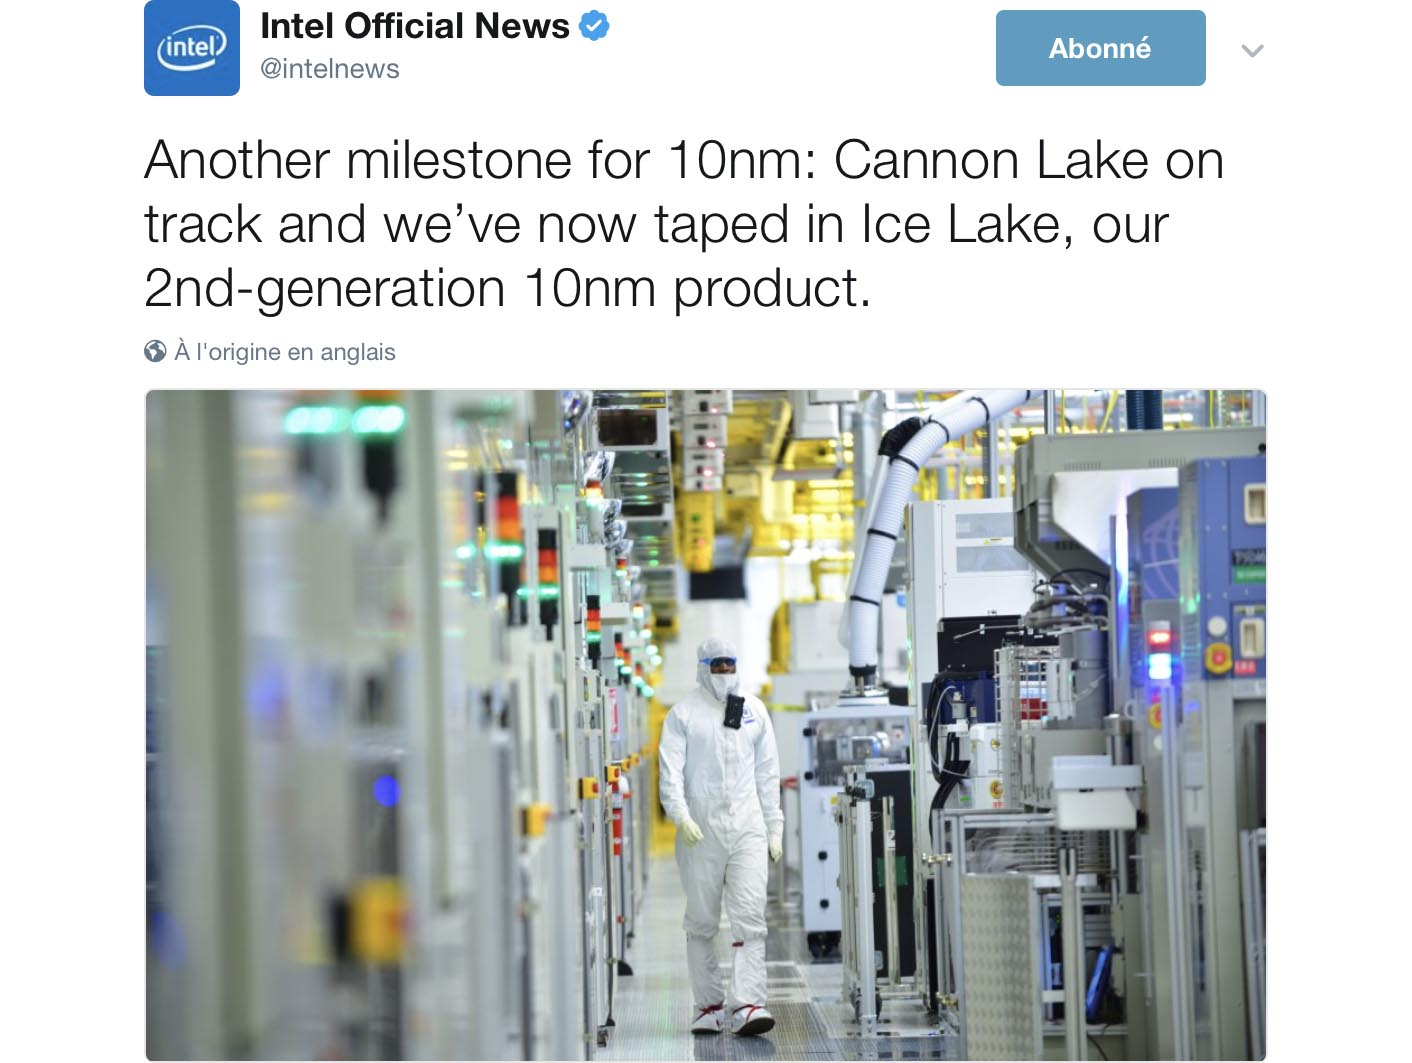 Cannon Lake Ice Lake Intel tweet